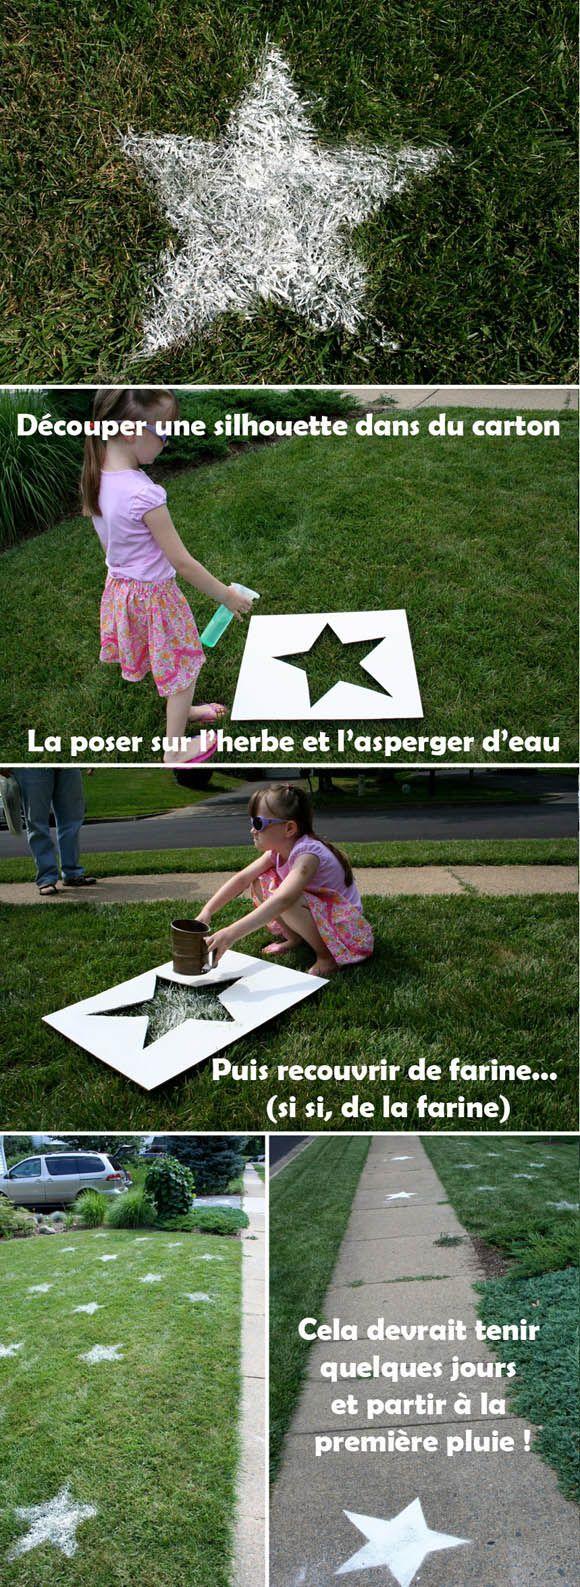 Les aventuriers de la vie: Décorer une pelouse...